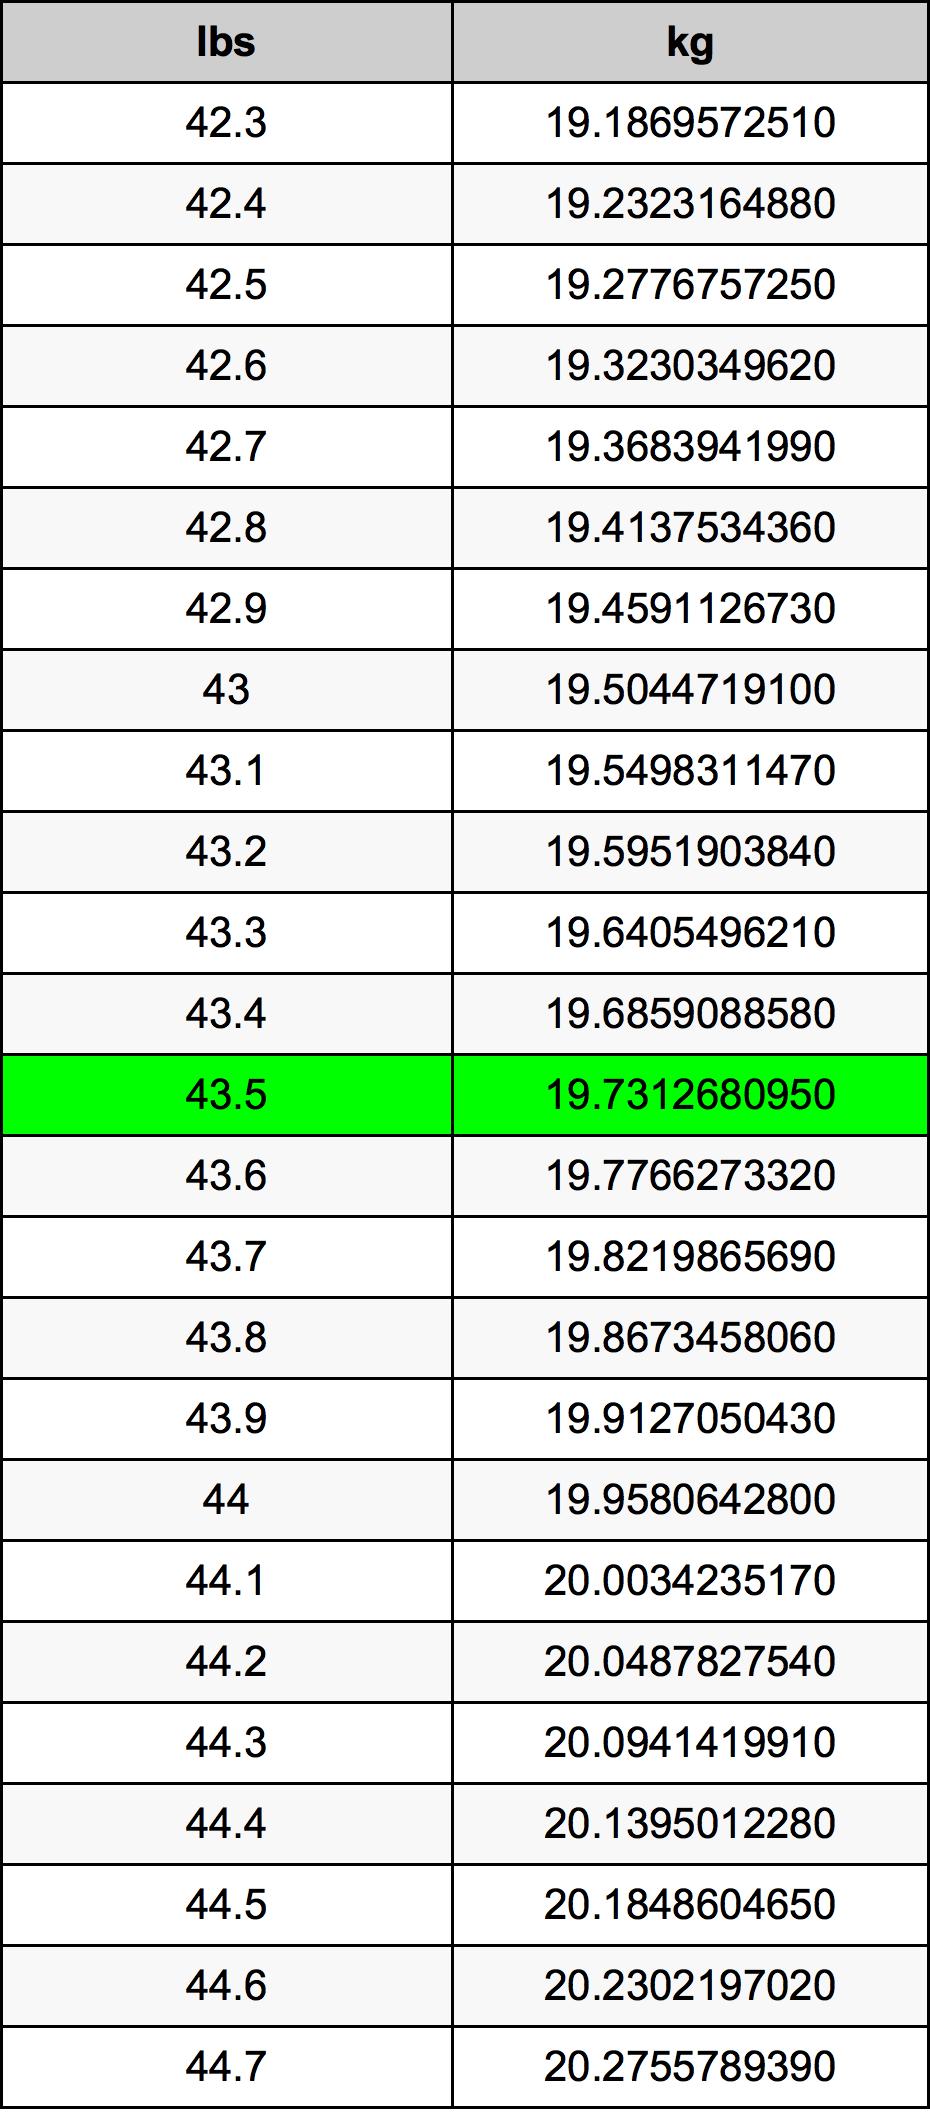 43.5 Libra tabela de conversão